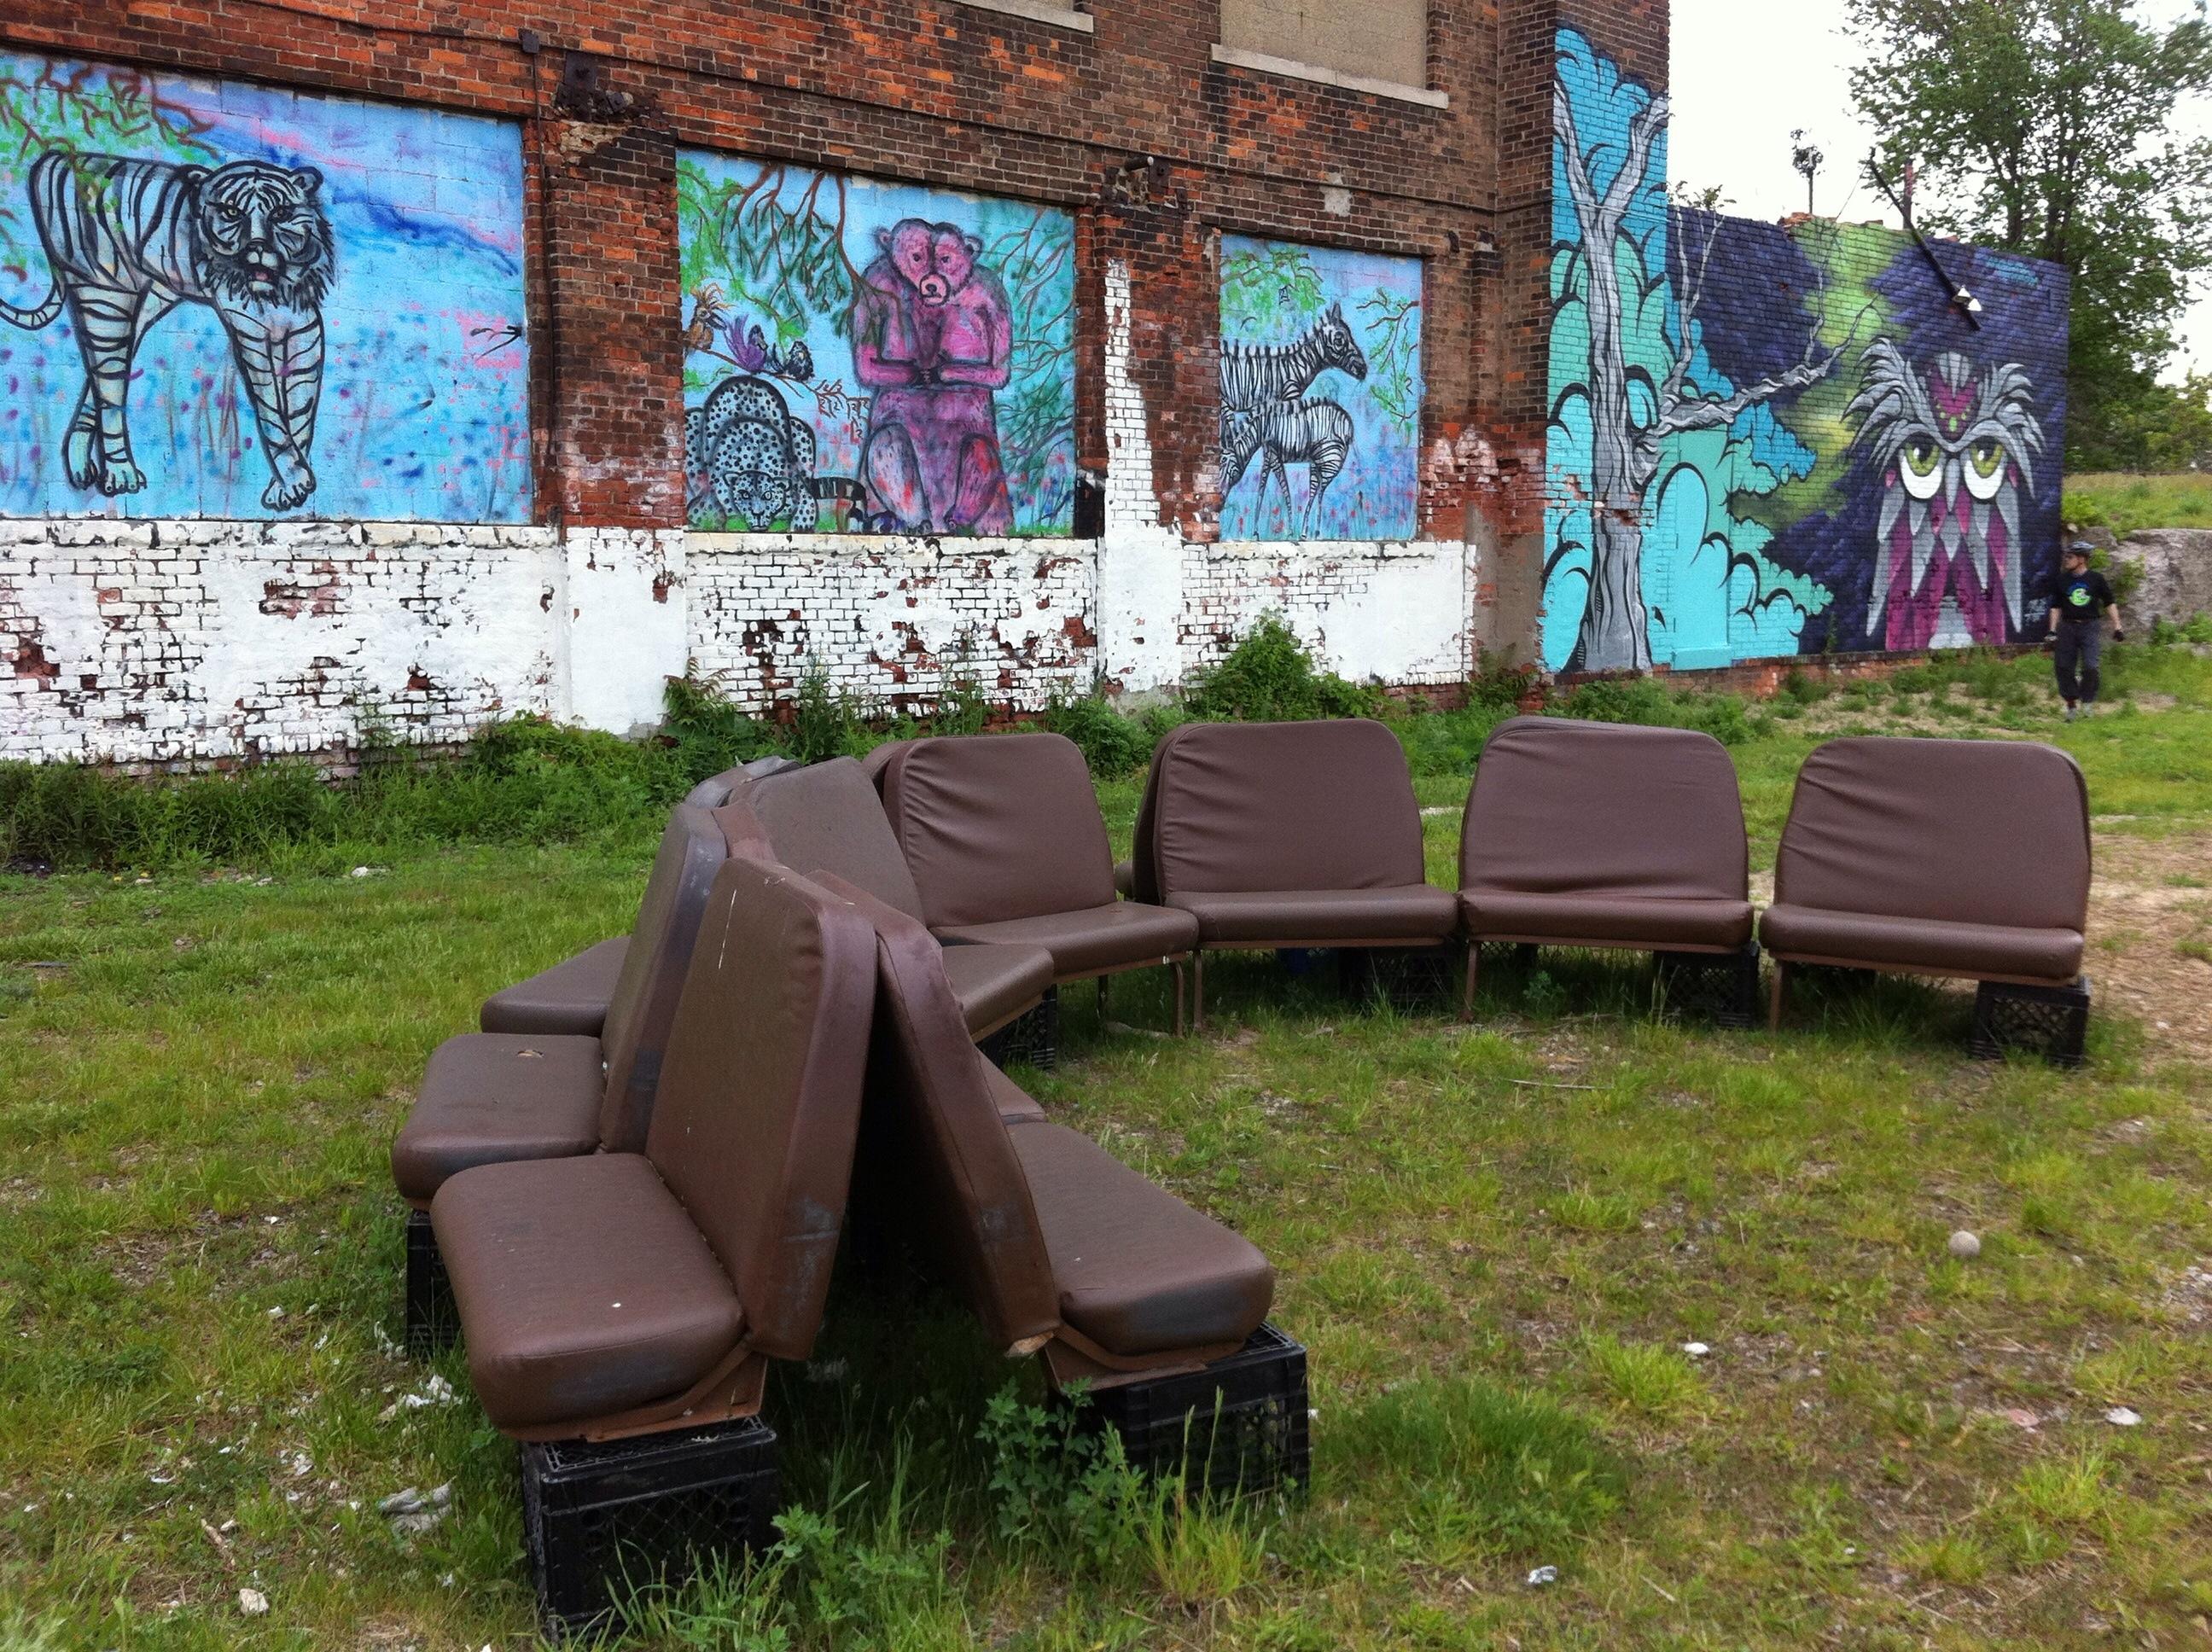 Lincoln Street Art Park